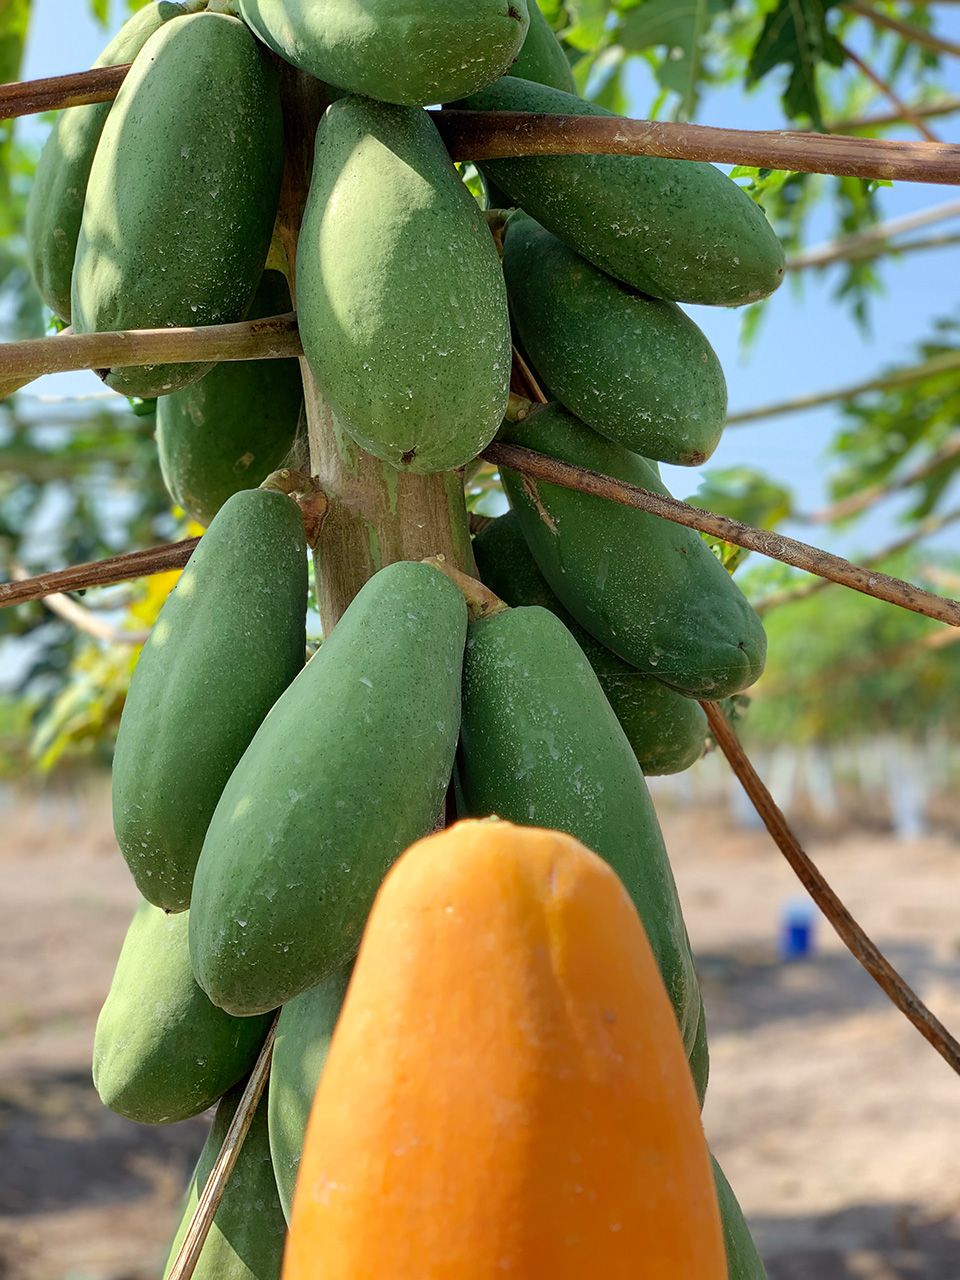 Maradol Papayas in Veracruz